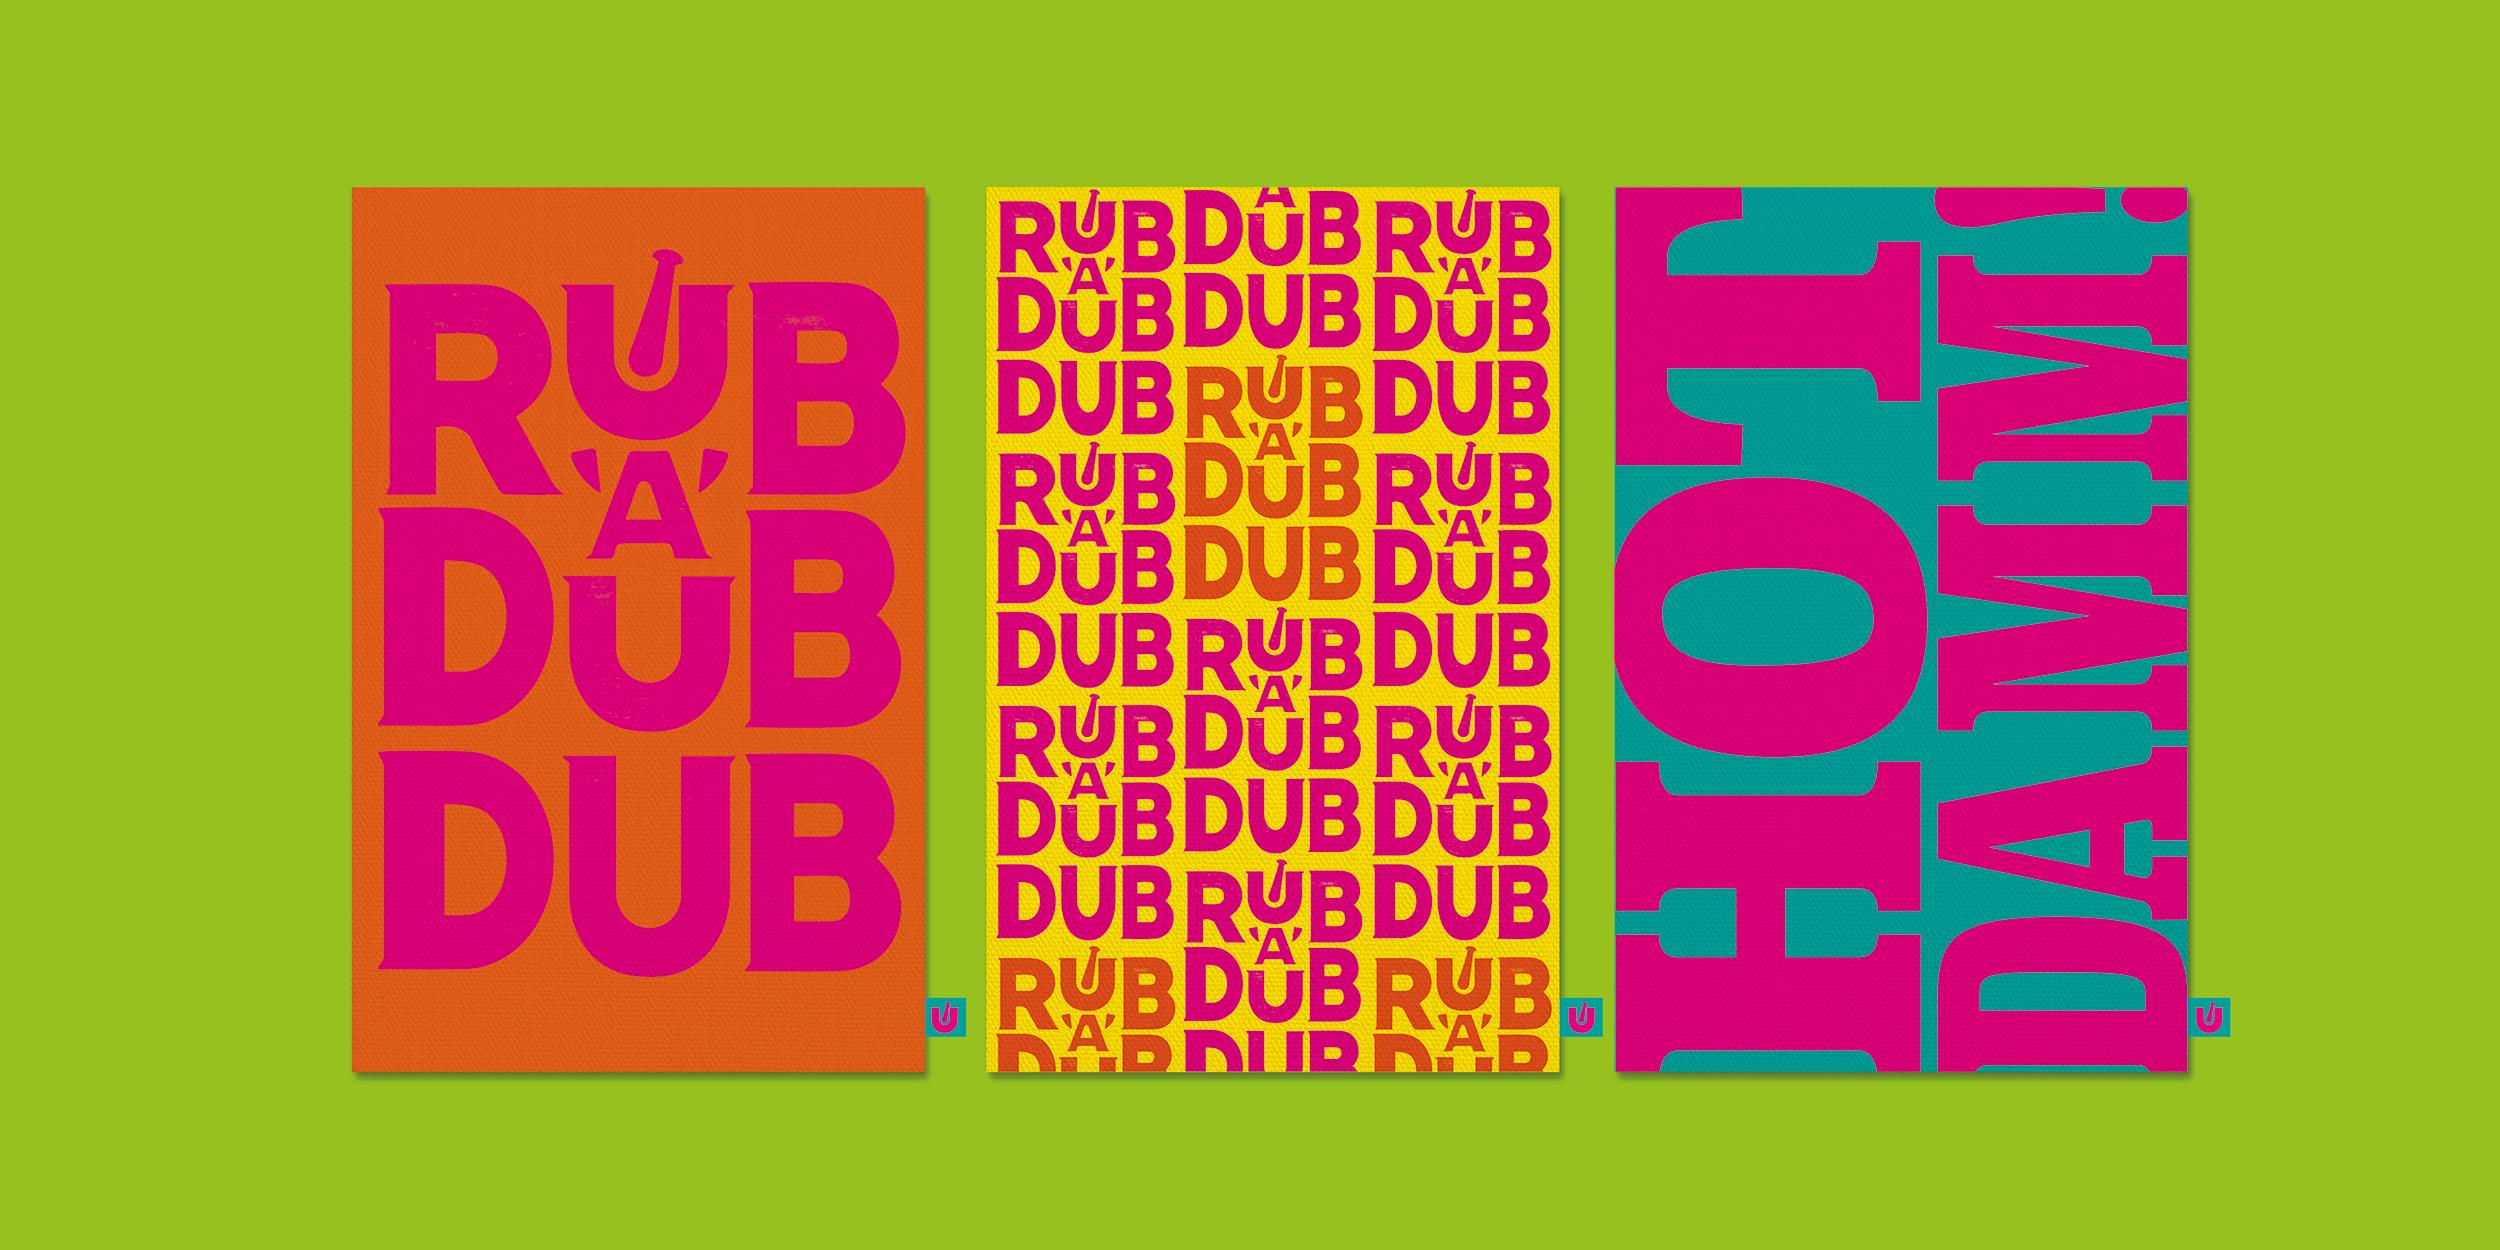 RUB-A-DUB_11.png